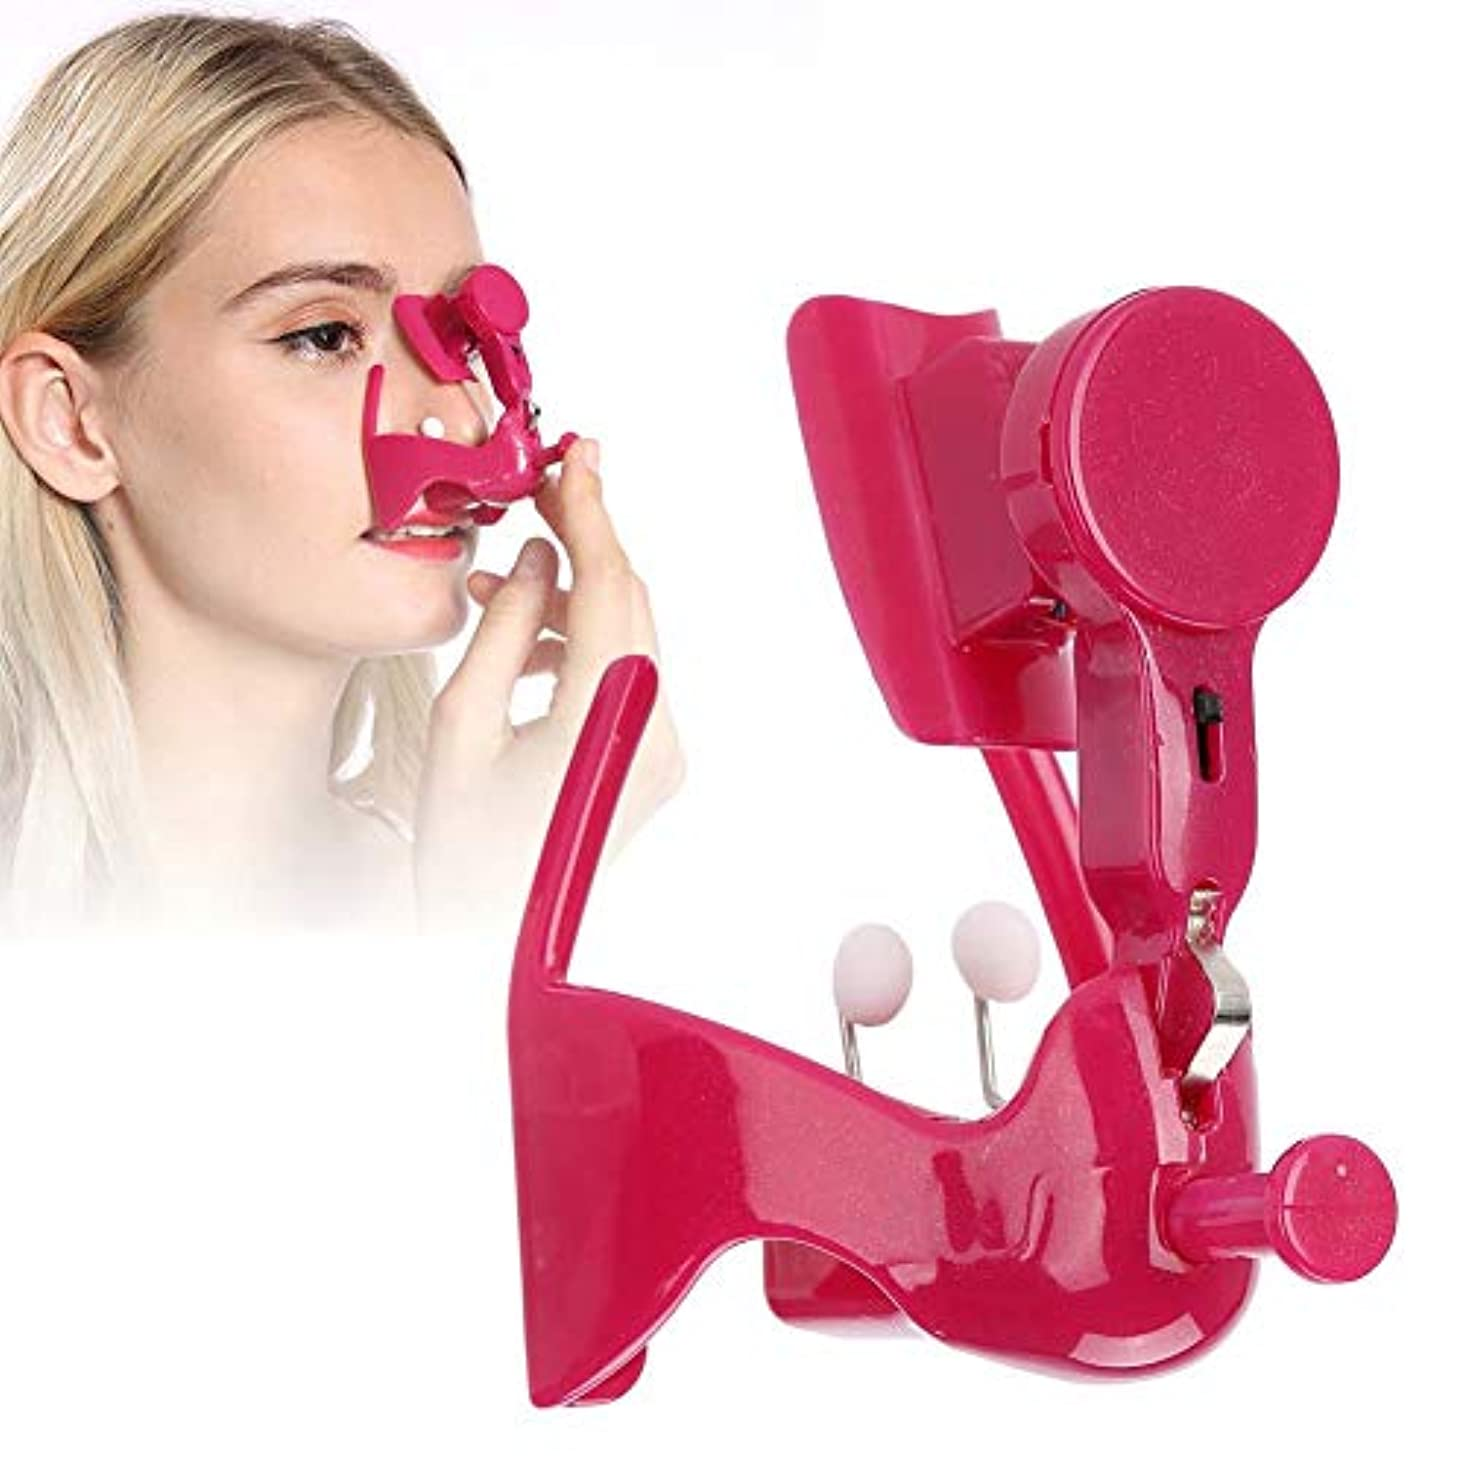 スクラッチ傾向があります重荷鼻筋 矯正 ノーズアップノーズクリップ 鼻高く鼻プチ 柔軟性高く バタリー付き